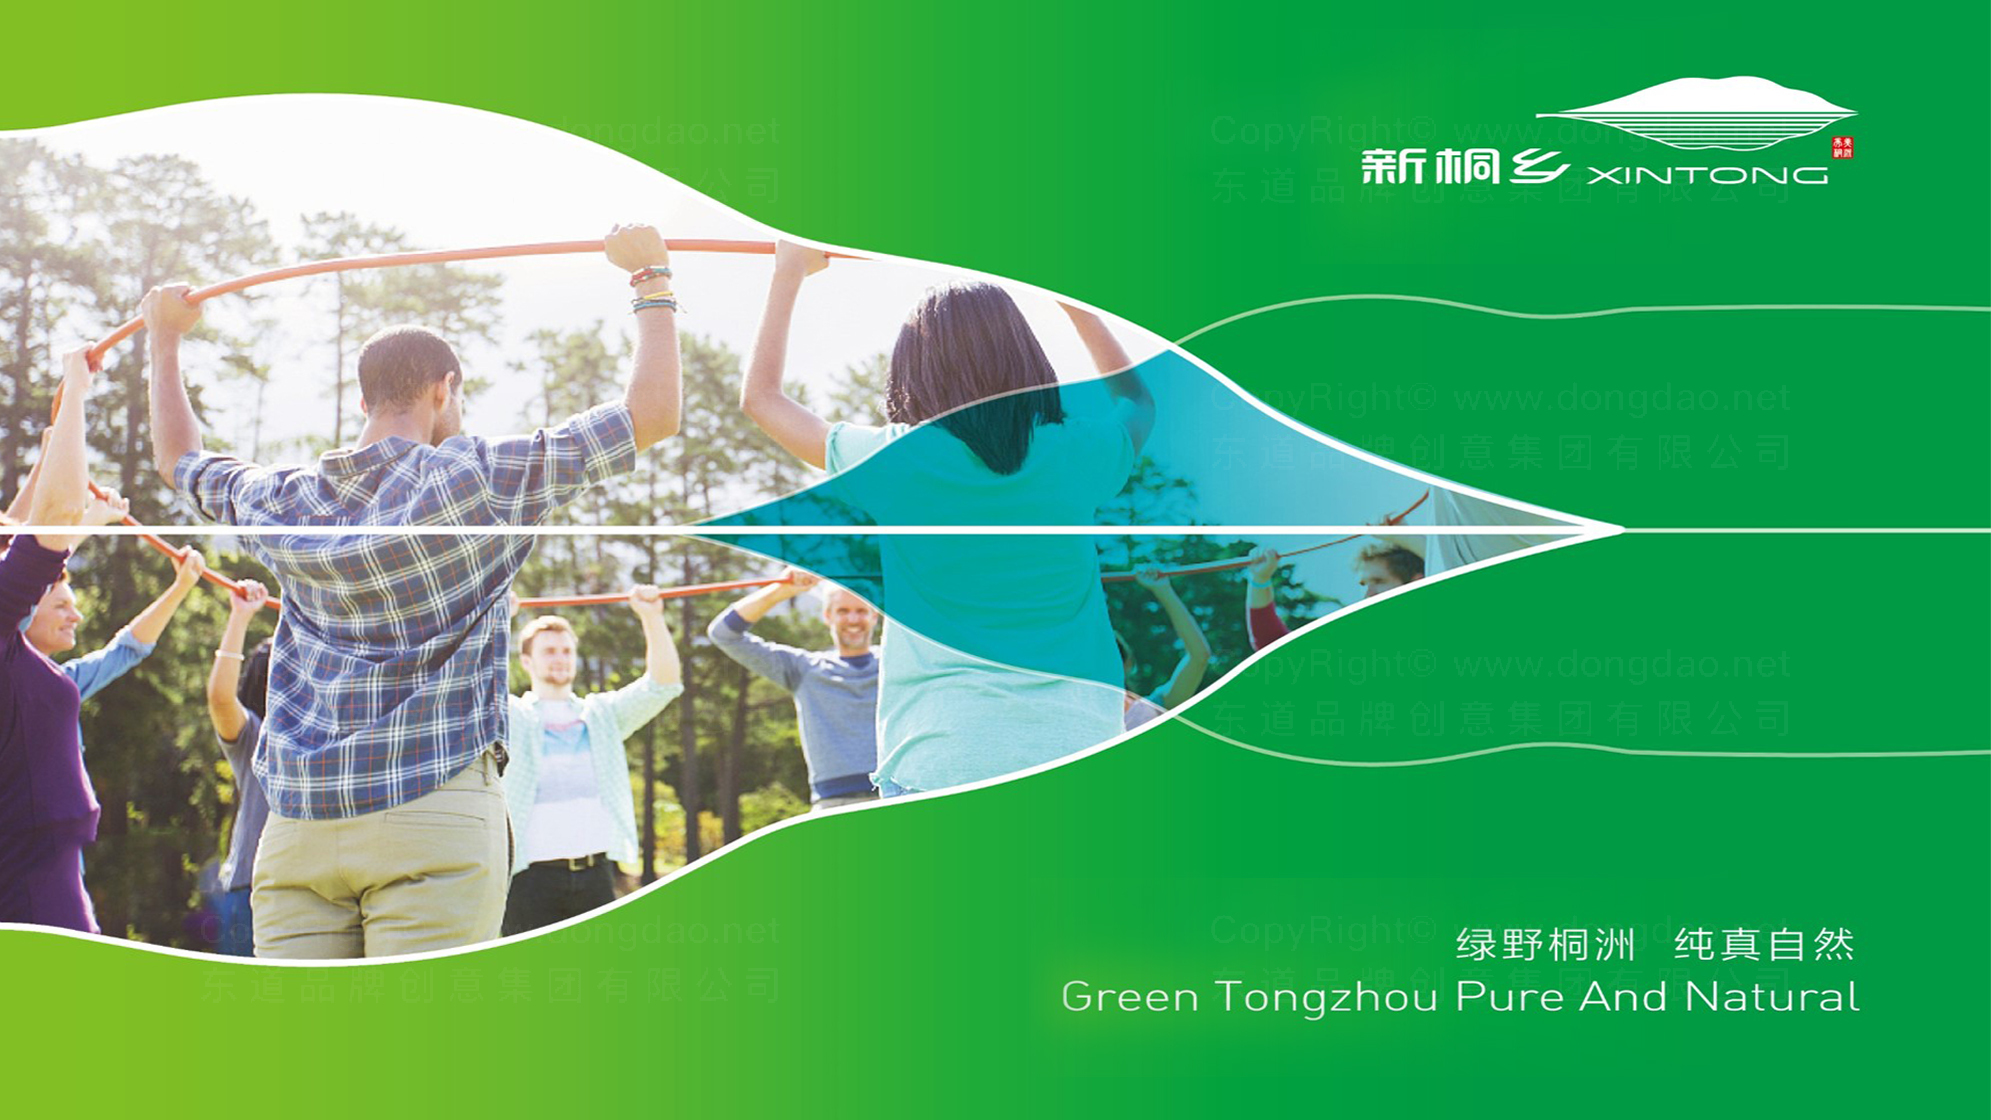 新桐政府logo设计、vi设计应用